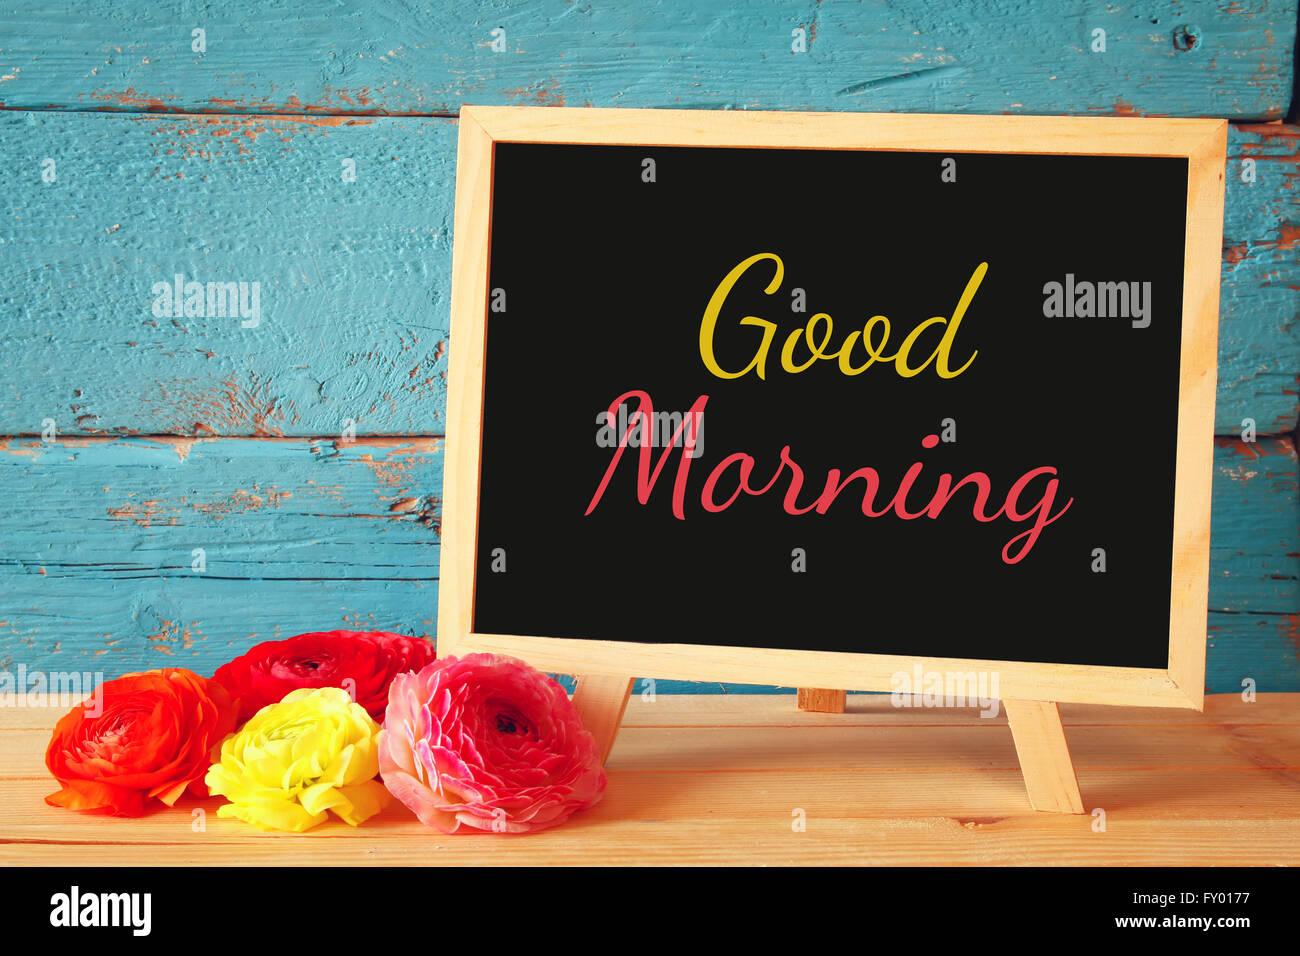 Lavagna con la frase buona mattina scritto su di esso accanto a fiori freschi. Immagini Stock